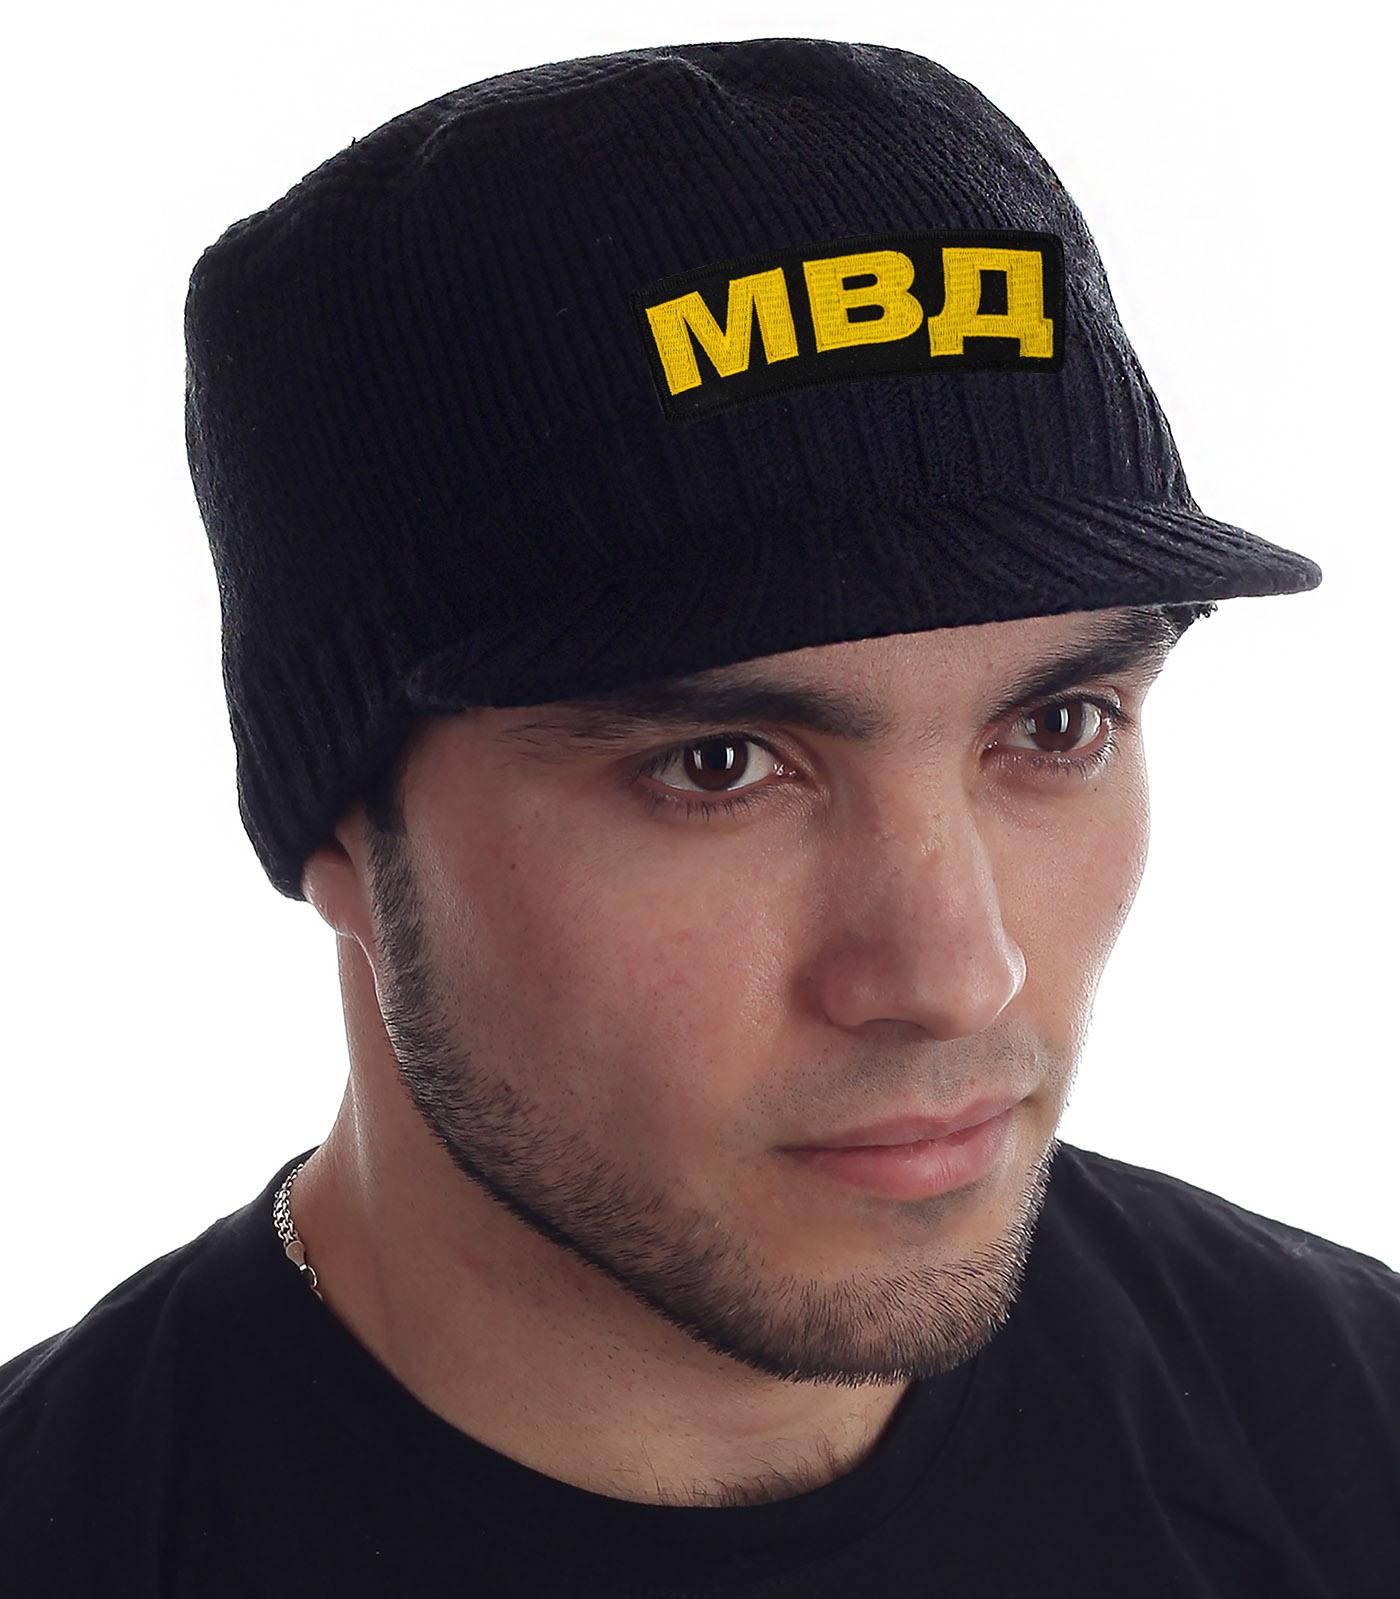 Купить мужскую черную кепку МВД от Miller Way с доставкой в ваш город